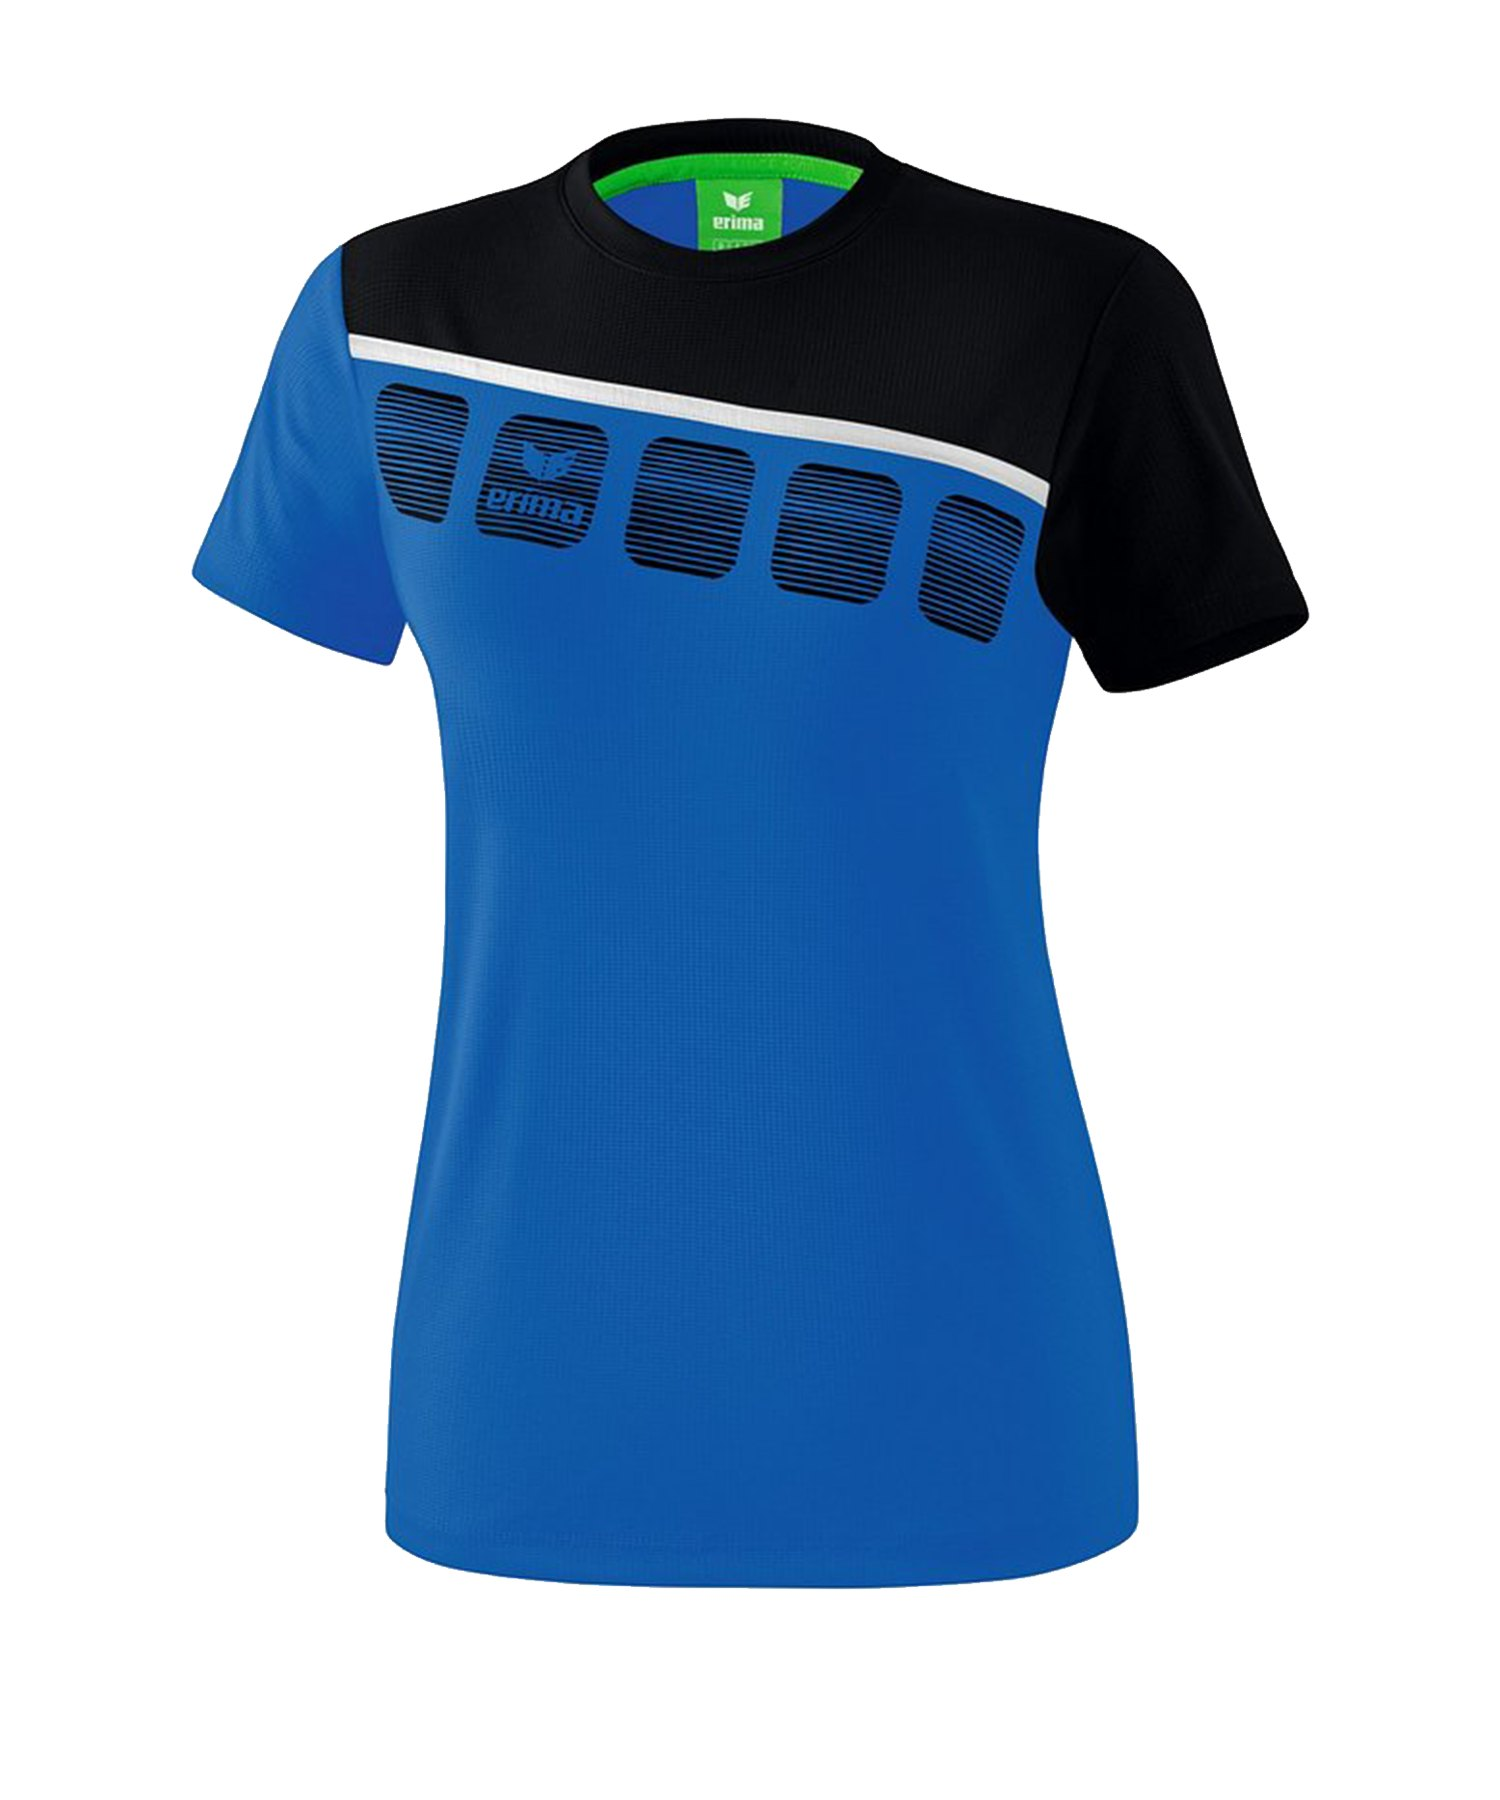 Erima 5-C T-Shirt Damen Blau Schwarz - Blau